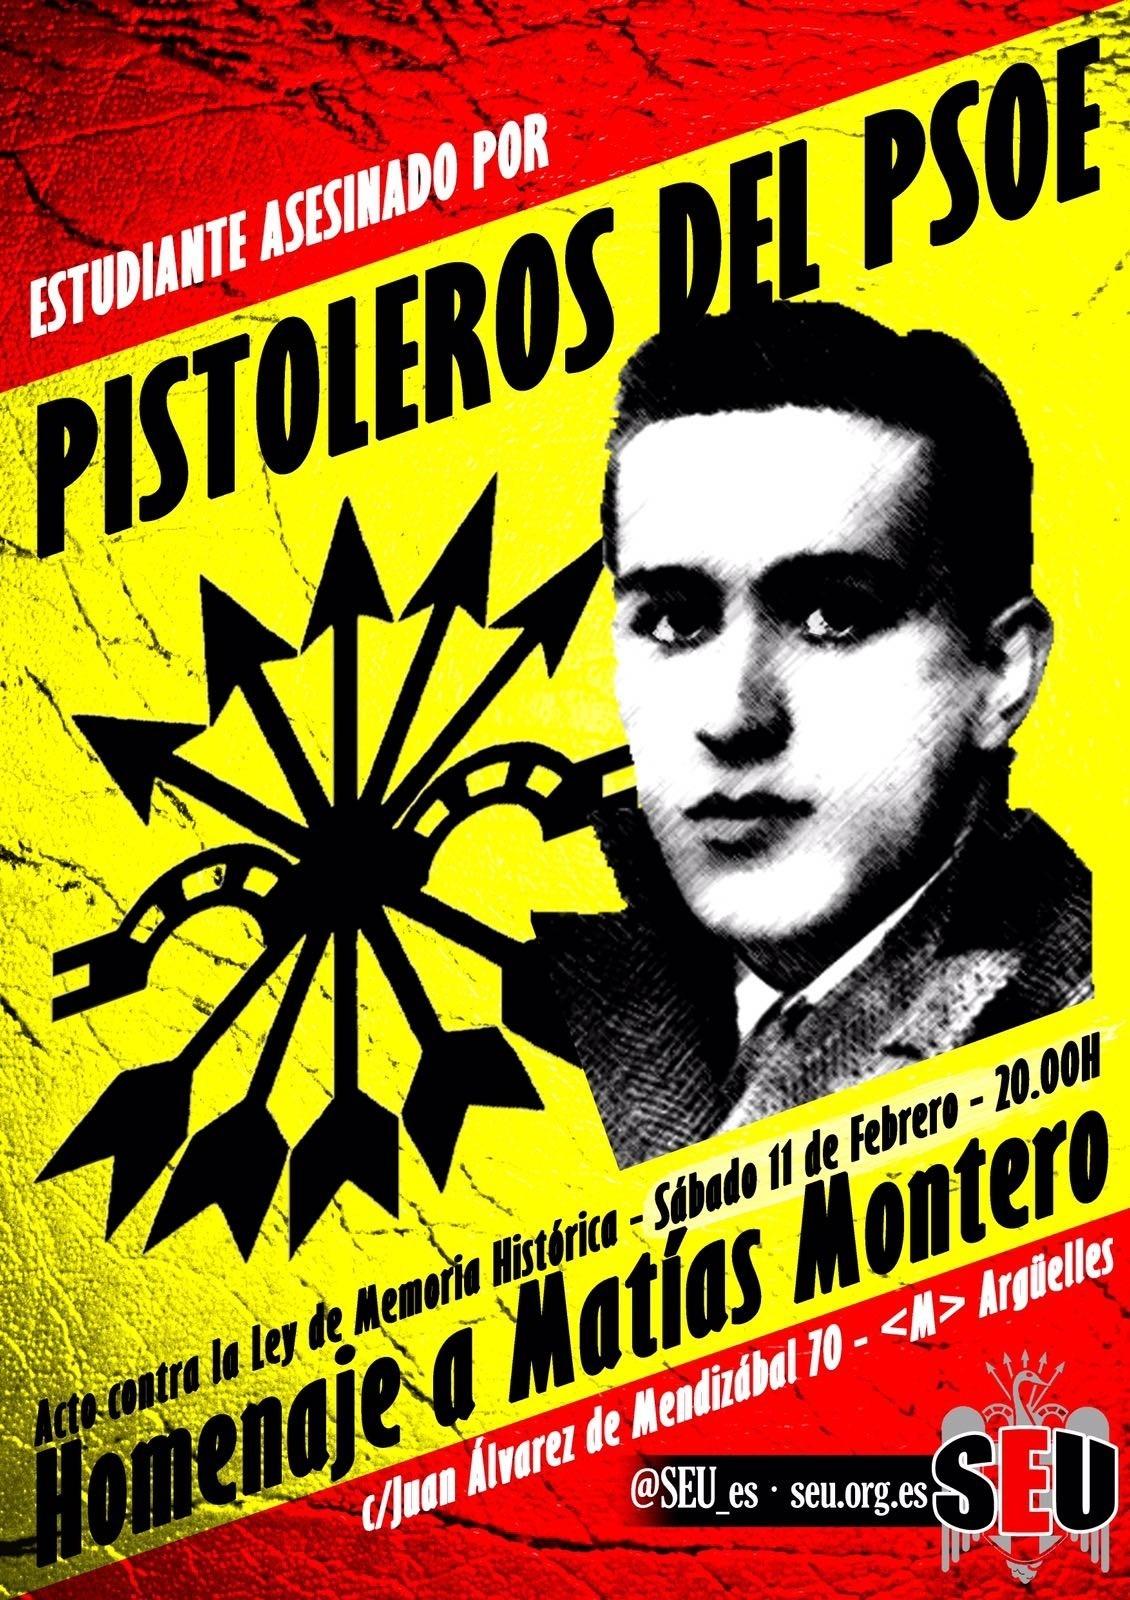 Tradicional concentración homenaje a Matías Montero – Acto contra la Memoria Histórica. Sábado 11 Febrero 20:00 h. C/. Juan Álvarez de Mendizábal, 70 Madrid